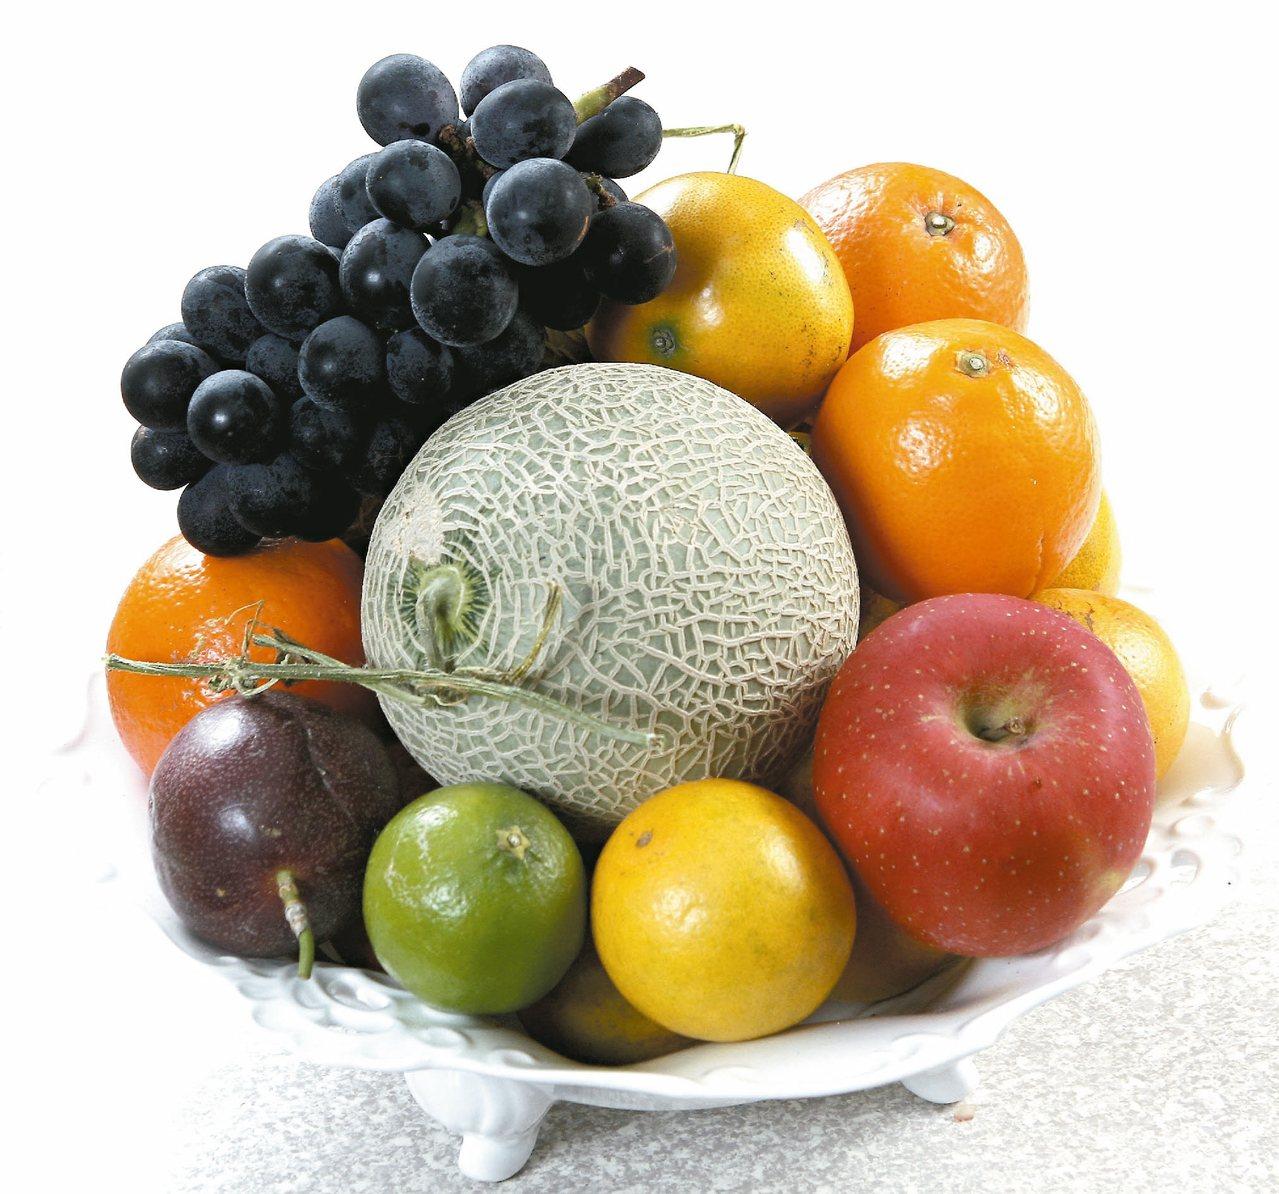 寶島水果種類多又甜,想要減重的民眾及糖尿病友經常為了吃什麼水果而傷腦筋。營養師建...